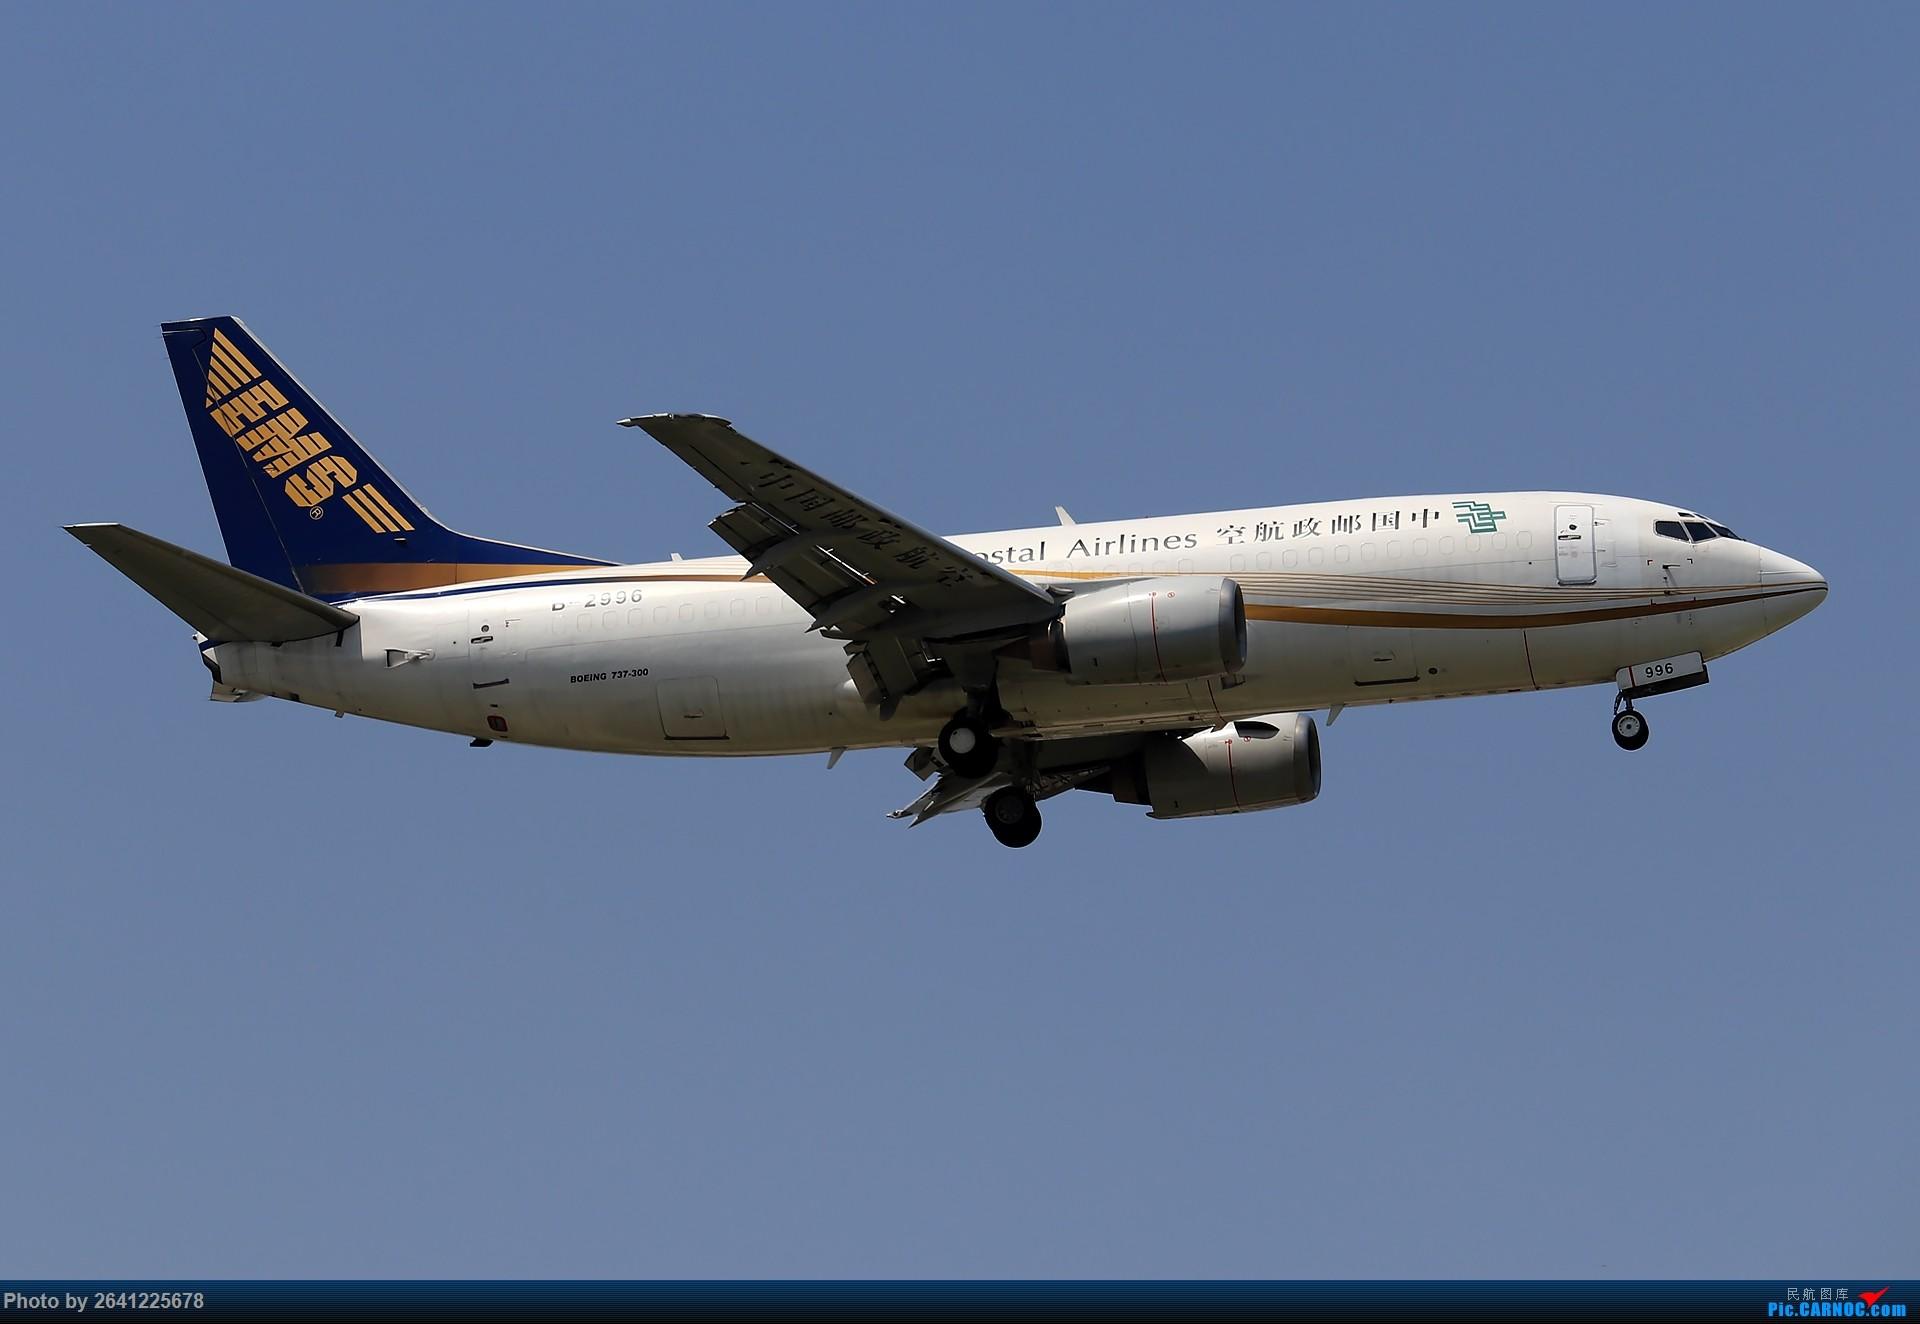 Re:[原创]*****试新机+新镜***** 1920(烂天+地热+渣技术,望大佬多多包涵) BOEING 737-300 B-2996 中国北京首都国际机场